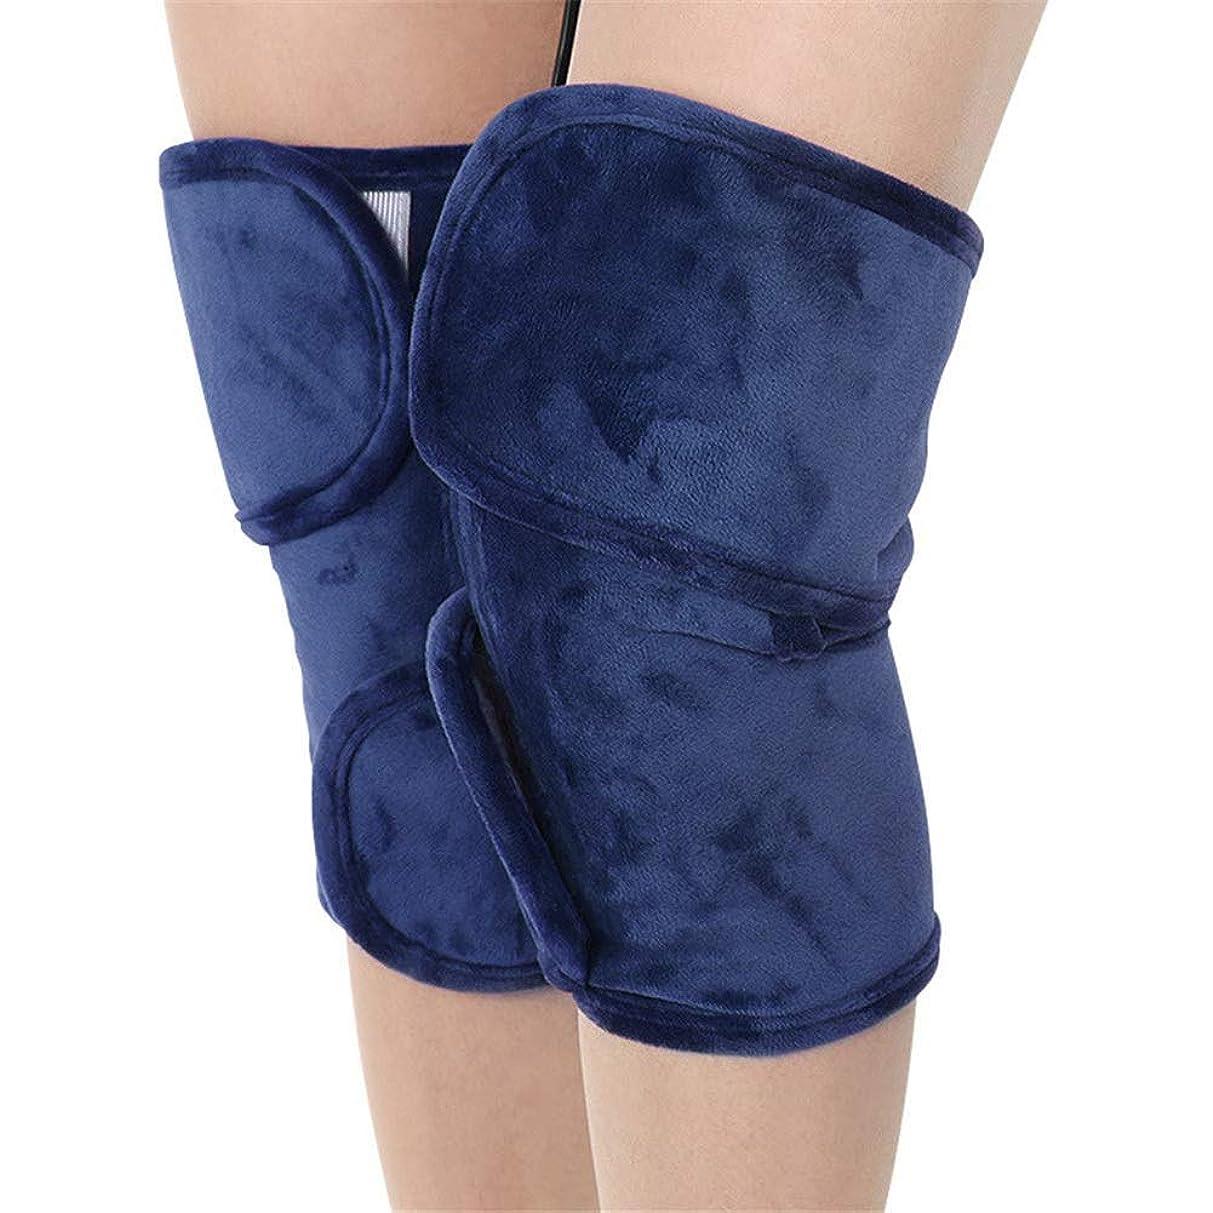 組み込むれる飼料レッグマッサージャー、加熱されたデュアルカーフとフット&ニーパッドヒートセラピーホットコンプレッションウォームジョイントリリーフ膝の硬直の痛み、関節炎 (Color : Blue)